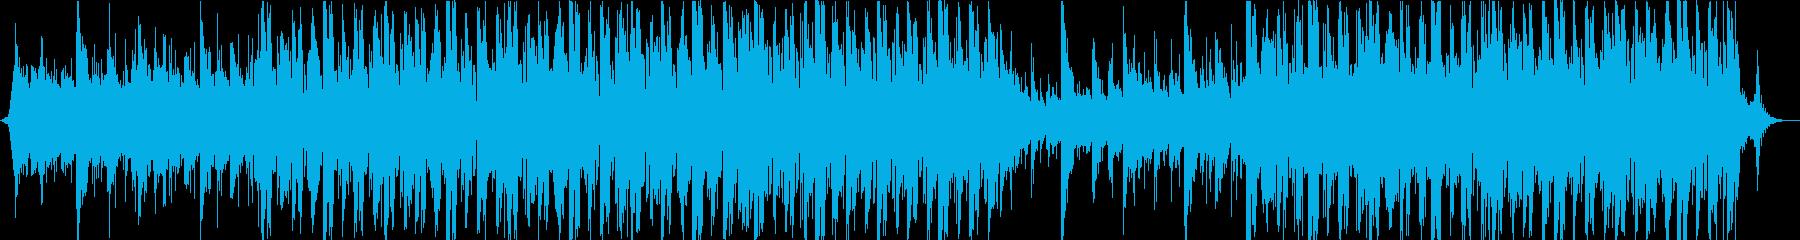 アコギシンセはるか長い旅をイメージした曲の再生済みの波形